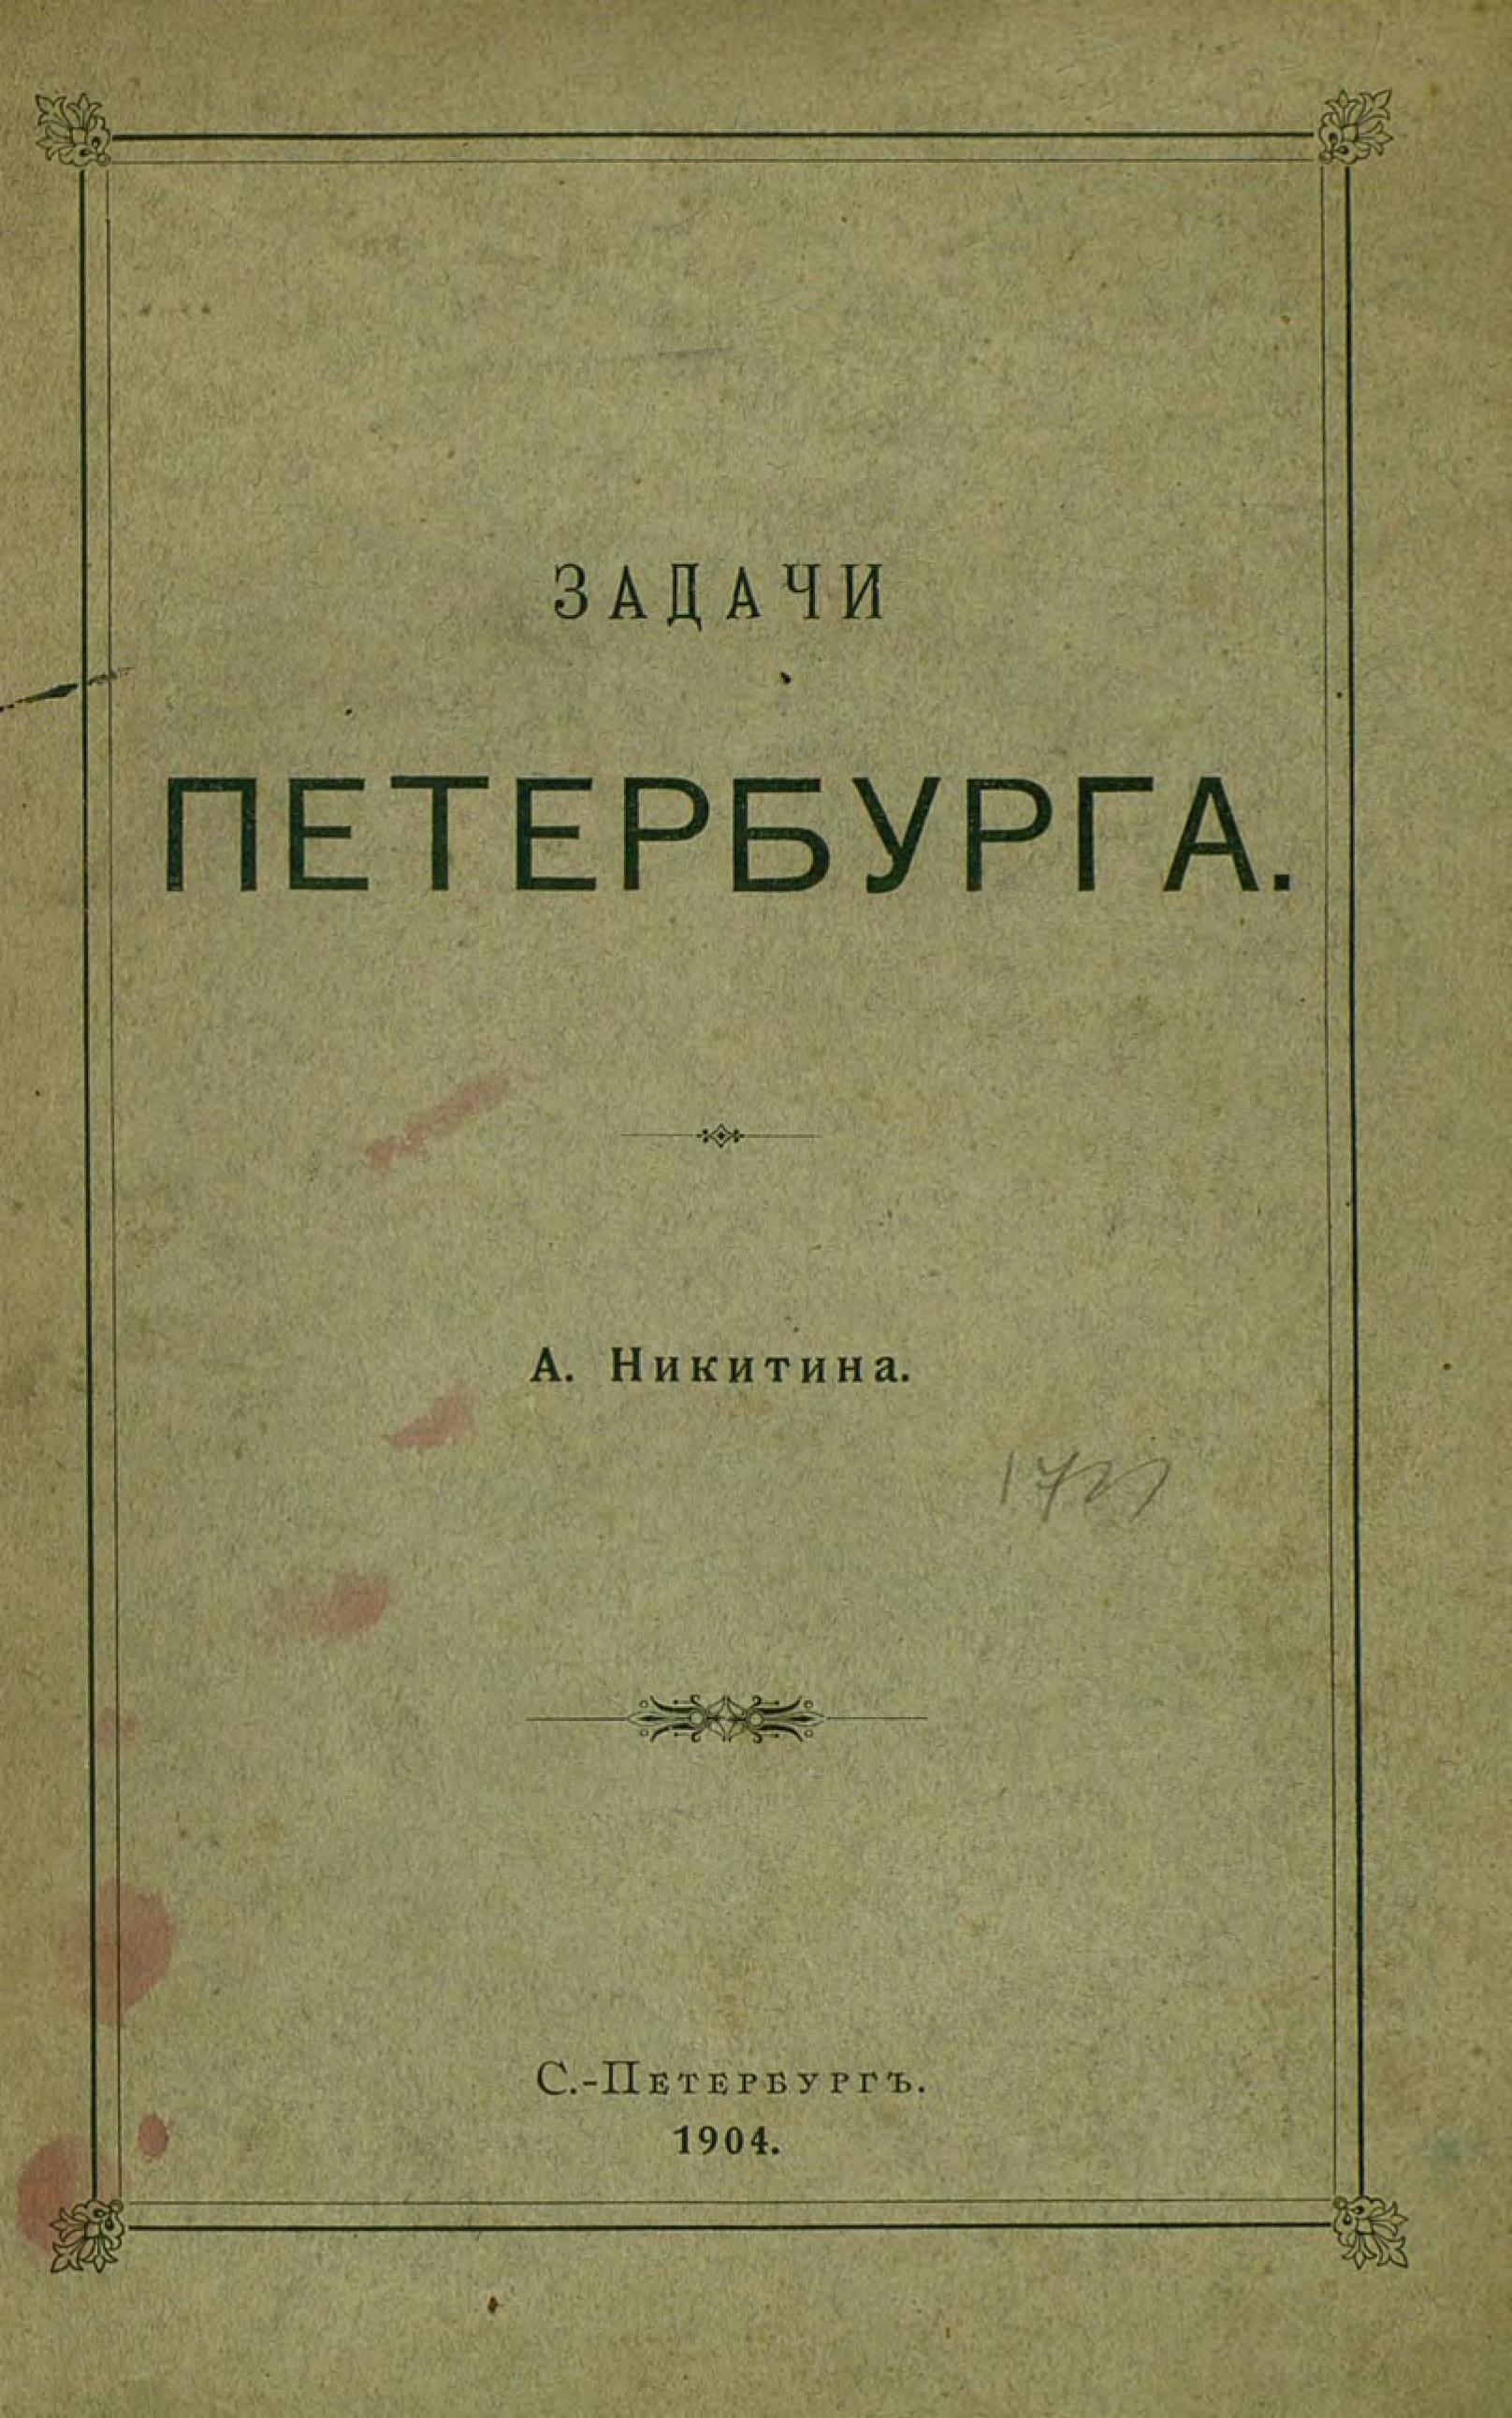 Коллектив авторов Задачи Петербурга коллектив авторов афоризмы